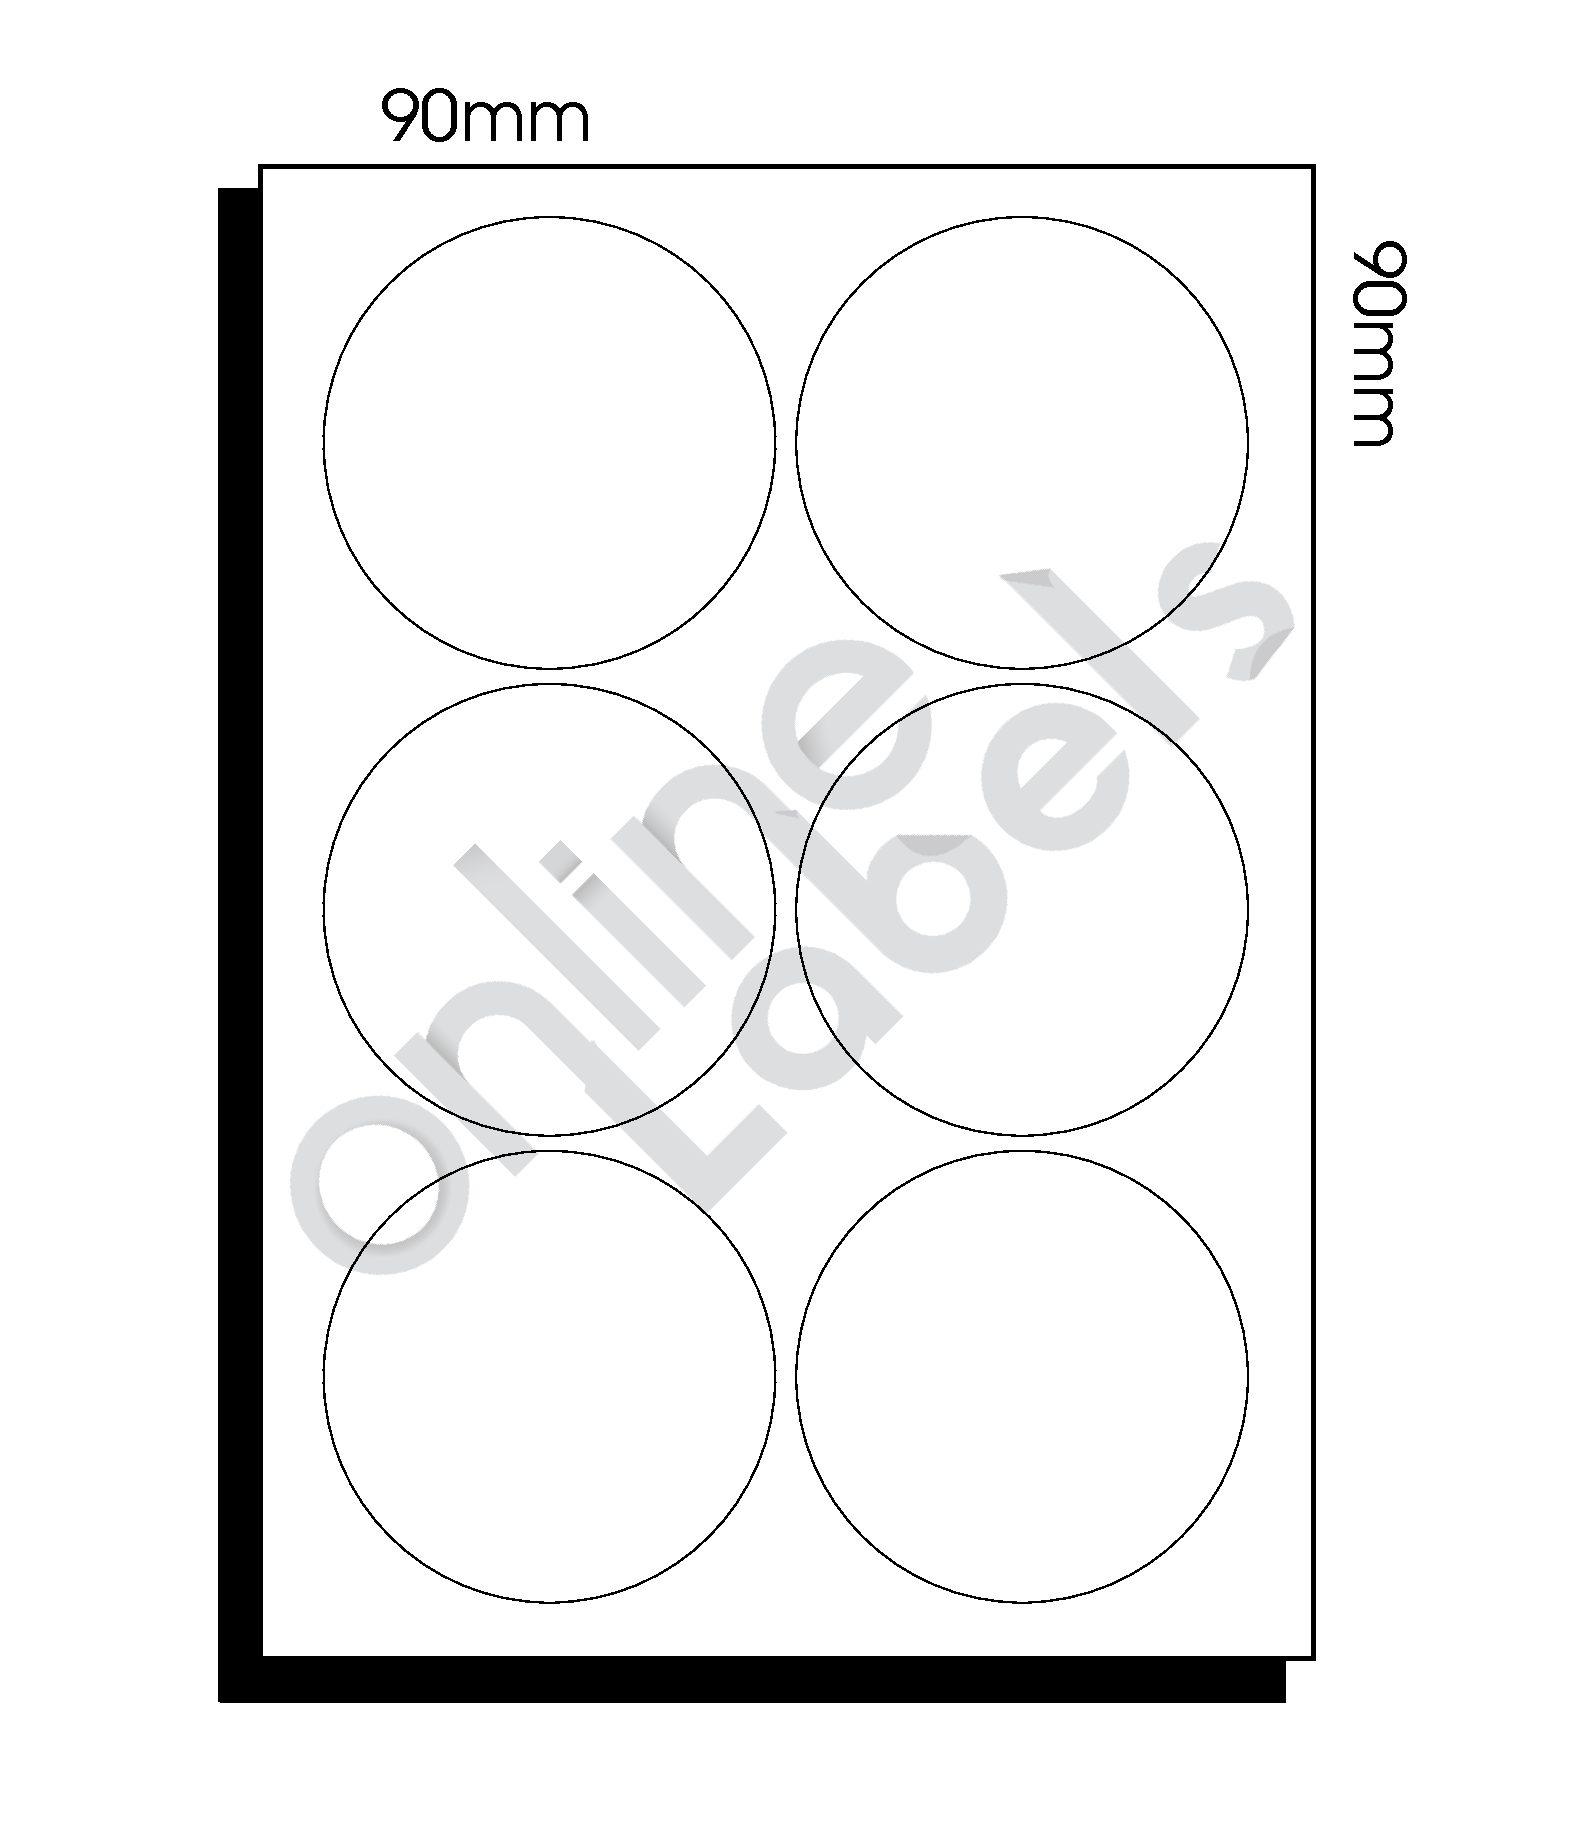 90mm dia (071) – 6 Labels per Sheet